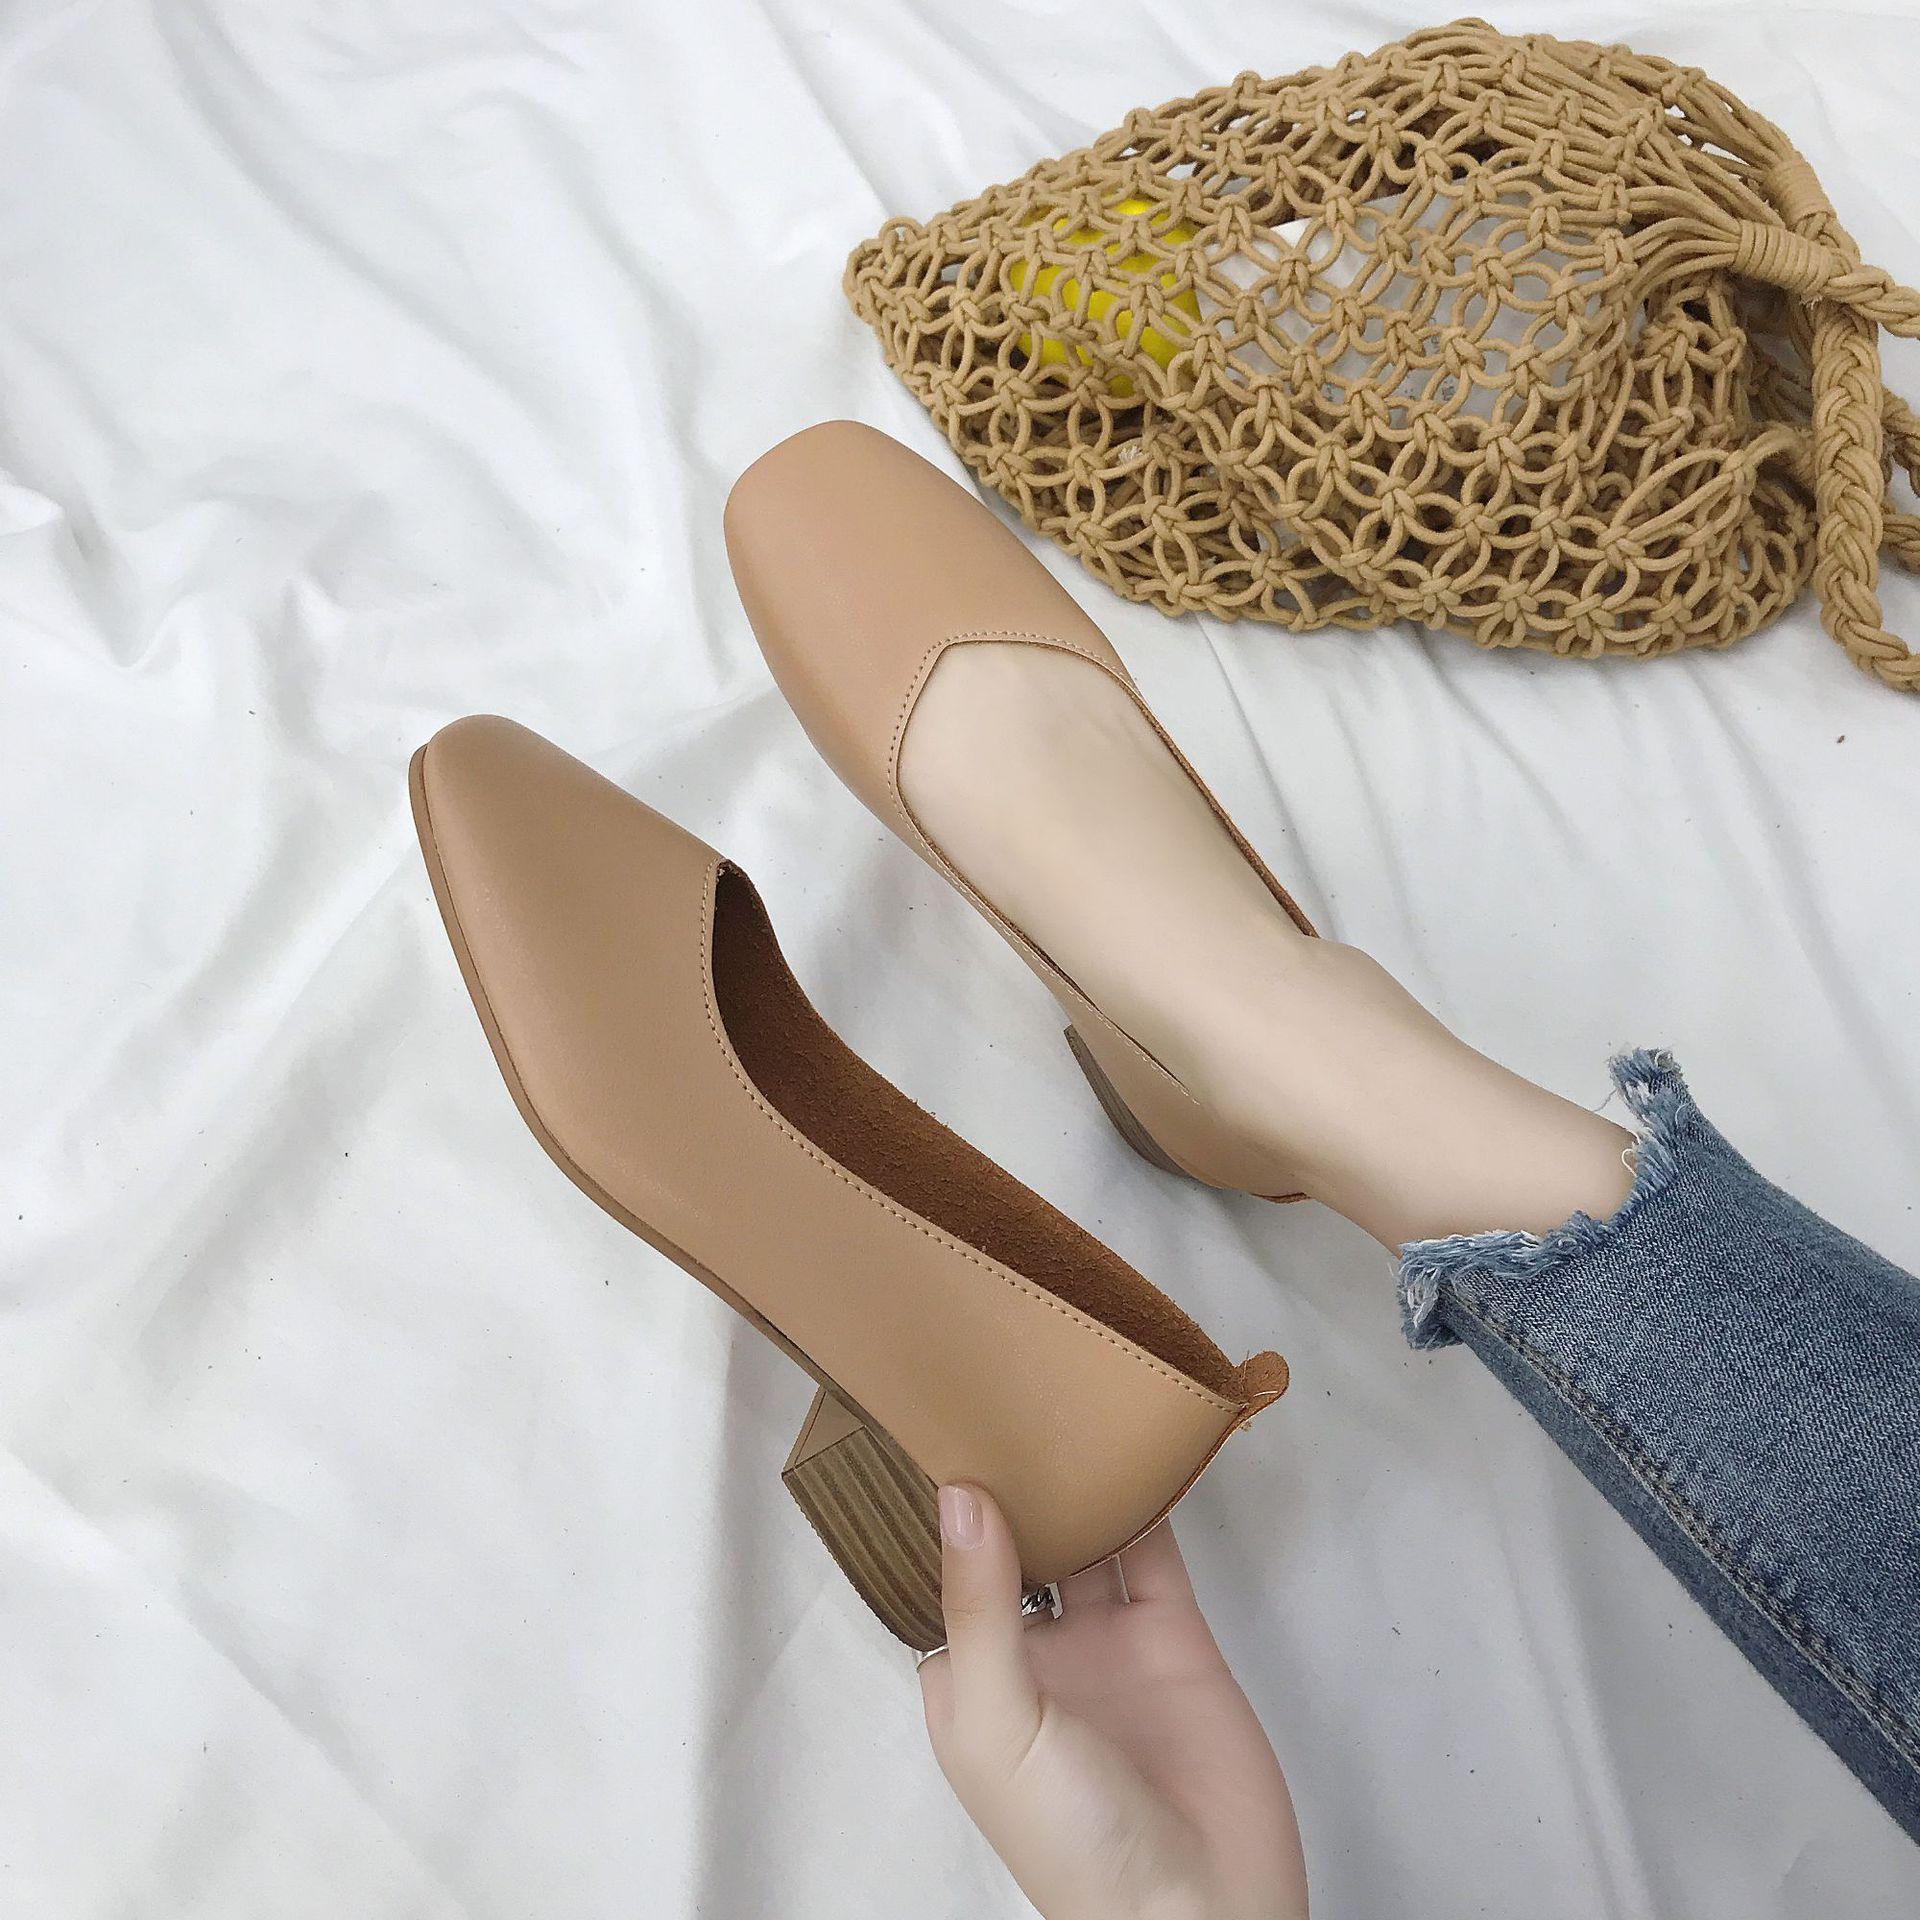 Giày Búp Bê gót vuông dành cho Nữ , Nơi xuất xứ Quảng Châu.